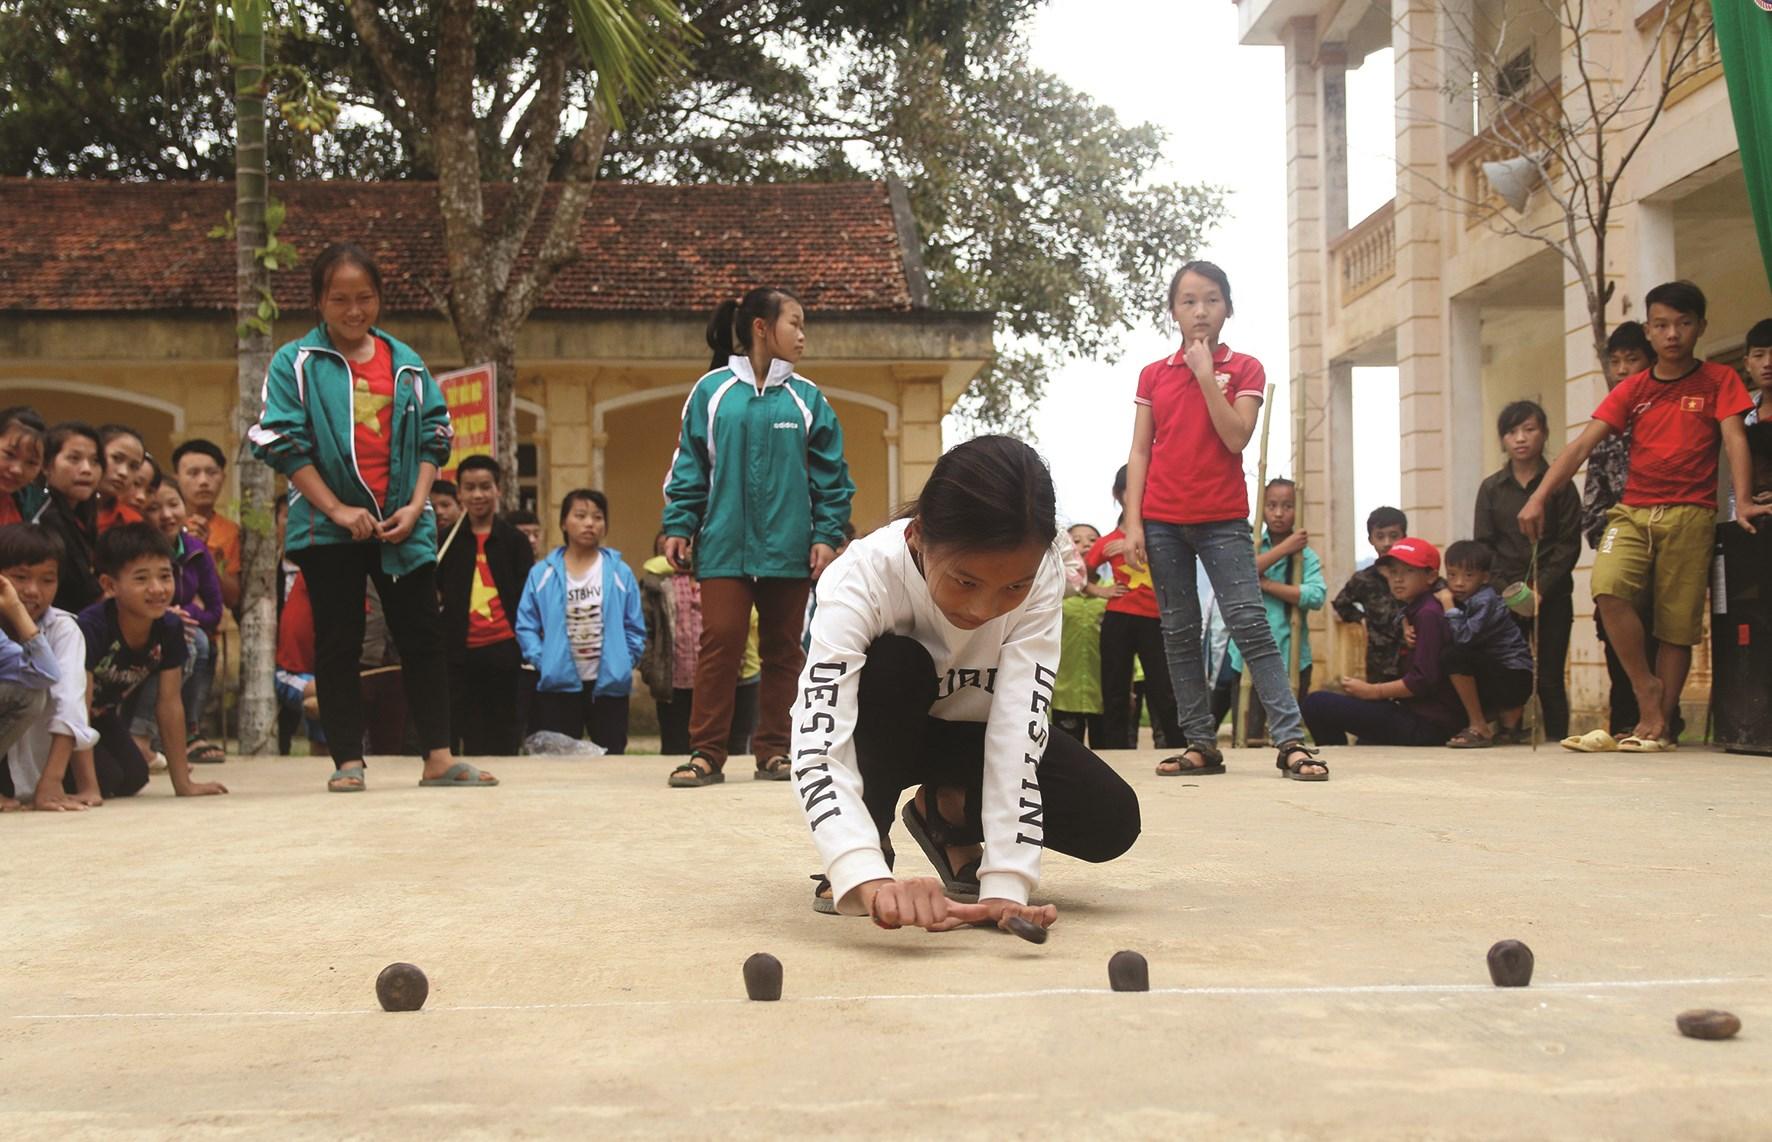 Học sinh Trường PTDTBT Tiểu học và THCS Nậm Càn (Kỳ Sơn) chơi trò chơi dân gian